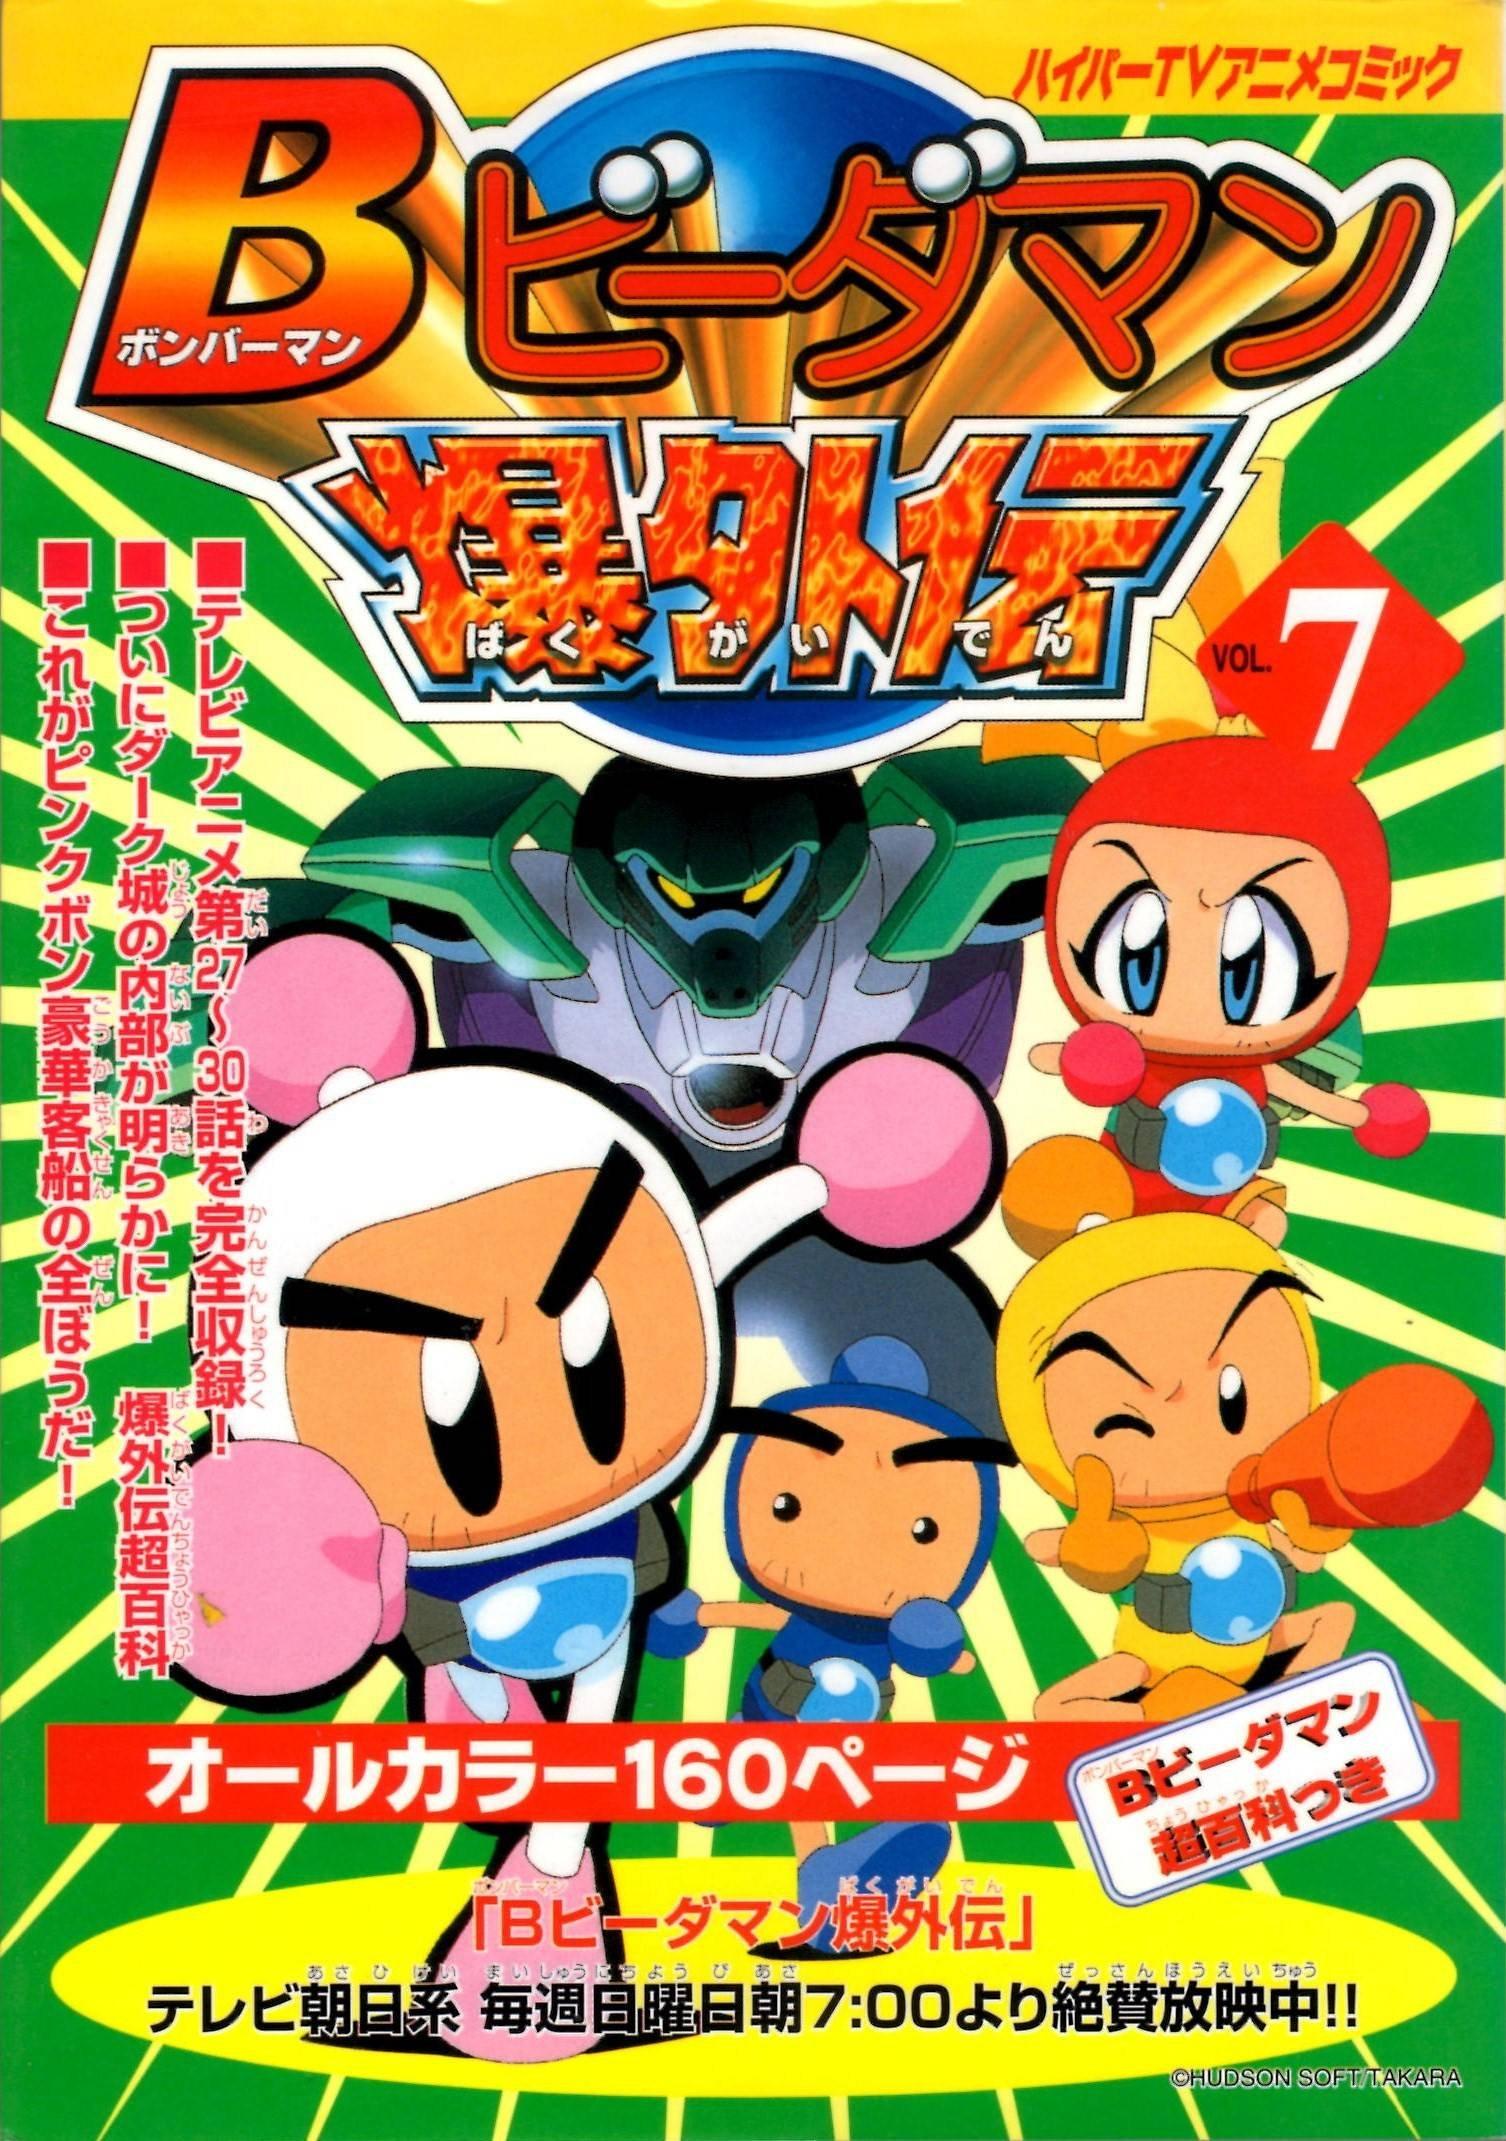 B(ボンバーマン)ビーダマン爆外伝―ハイパーTVアニメコミック (Vol.7)